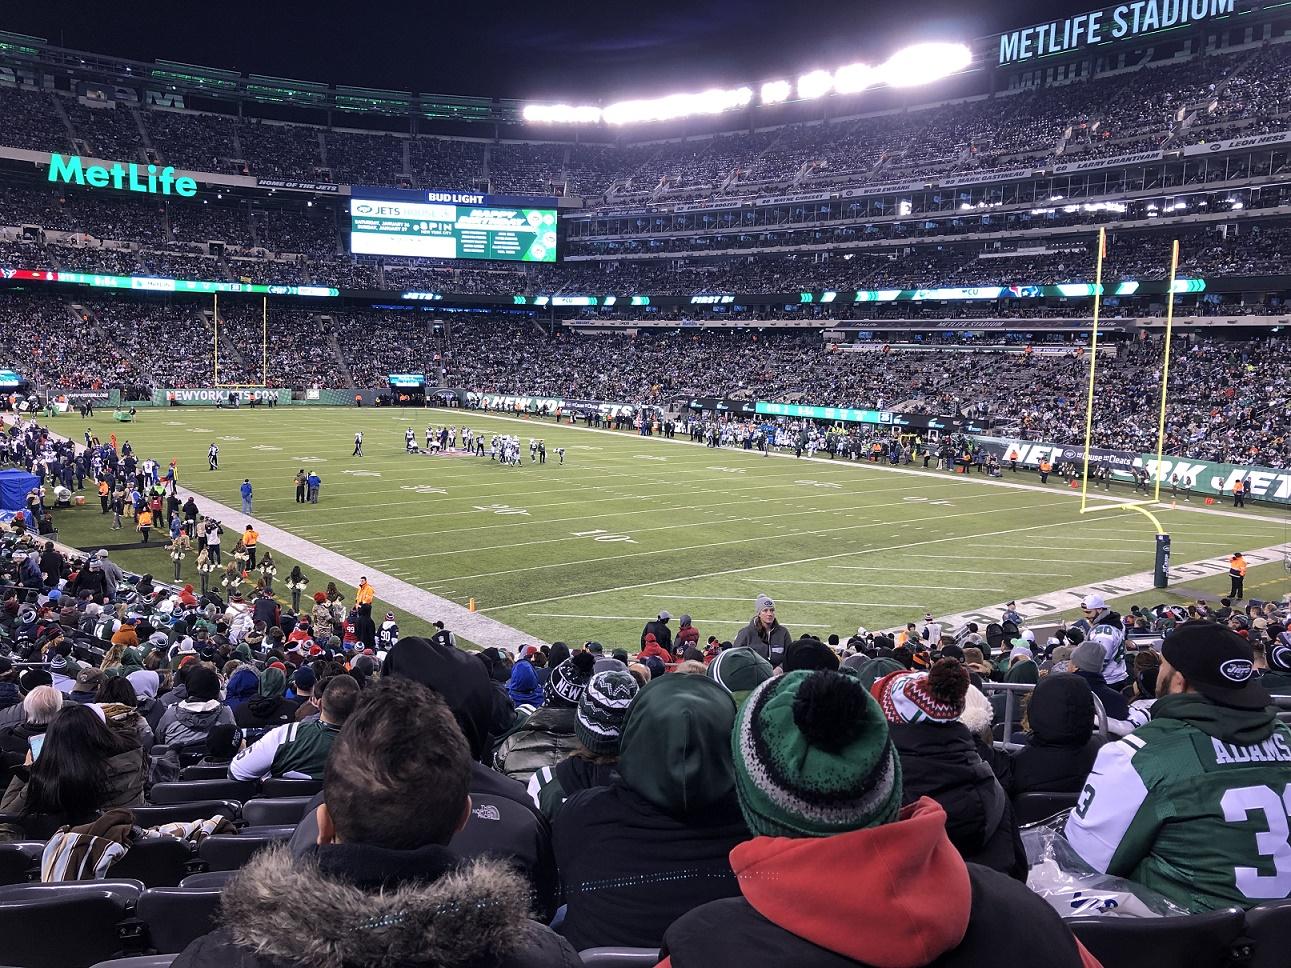 Bild från gruppresan 14-18 december 2018 Met Life Stadium NY. Foto: Matthias Sjödin. Ny gruppresa till NFL resa planeras hösten 2019.